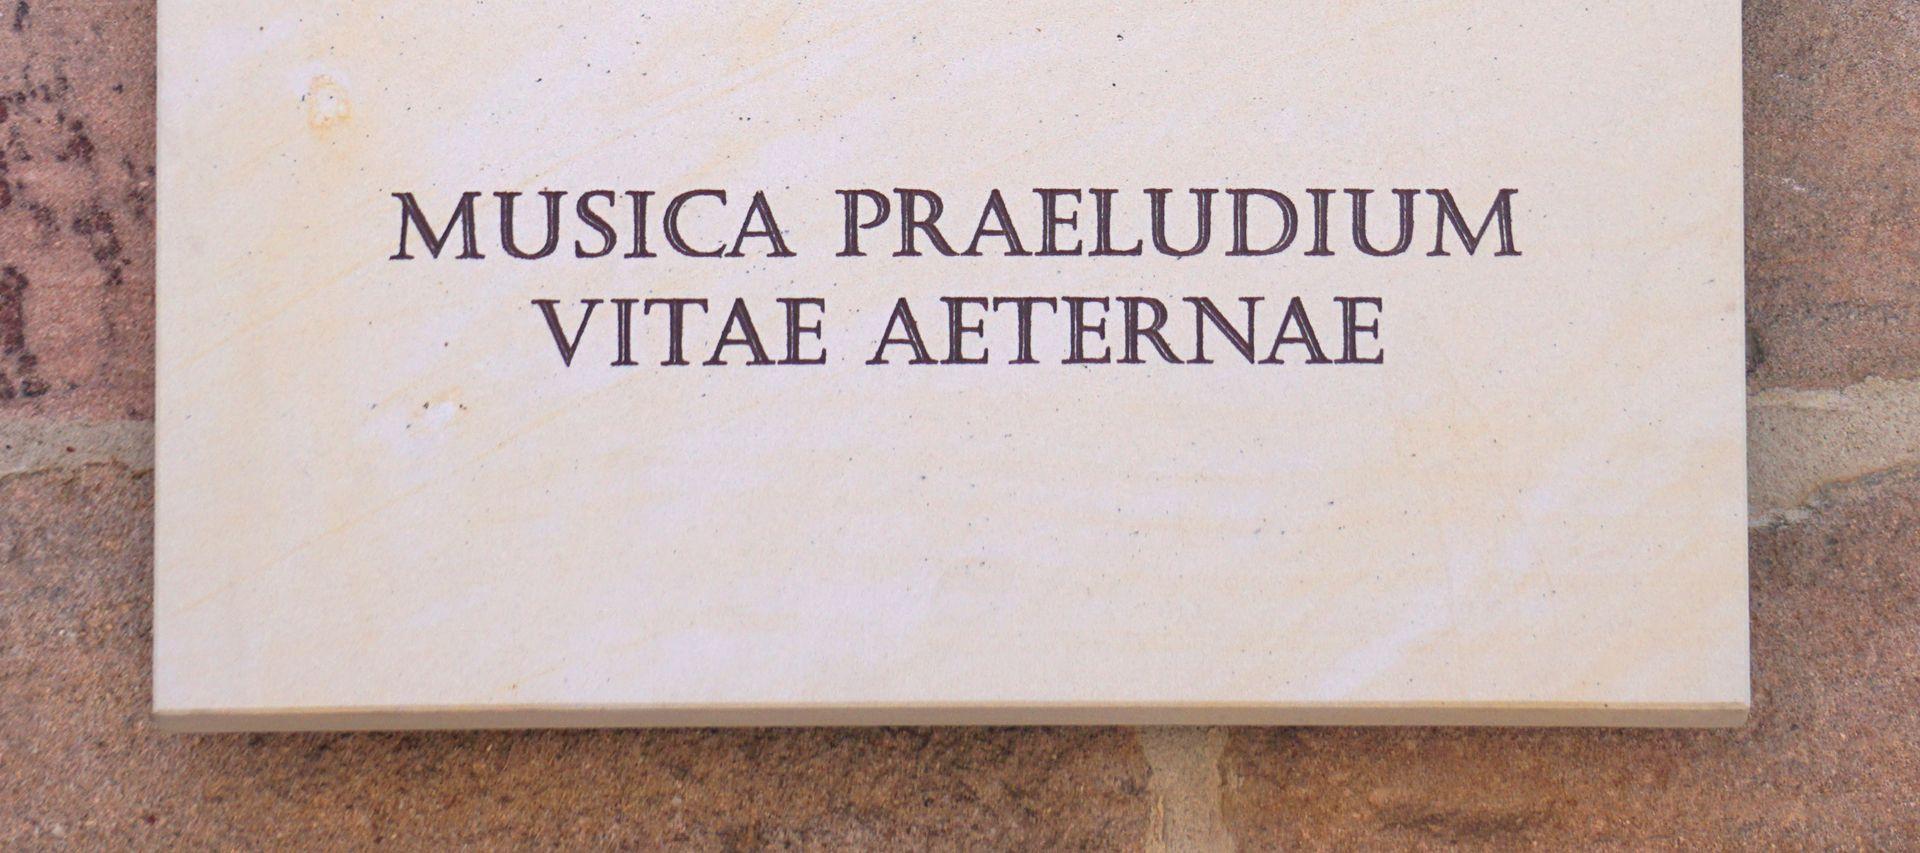 Pachelbel-Gedenktafel MUSICA PRAELUDIUM VITAE AETERNAE / Die Musik ist ein Vorspiel des ewigen Lebens